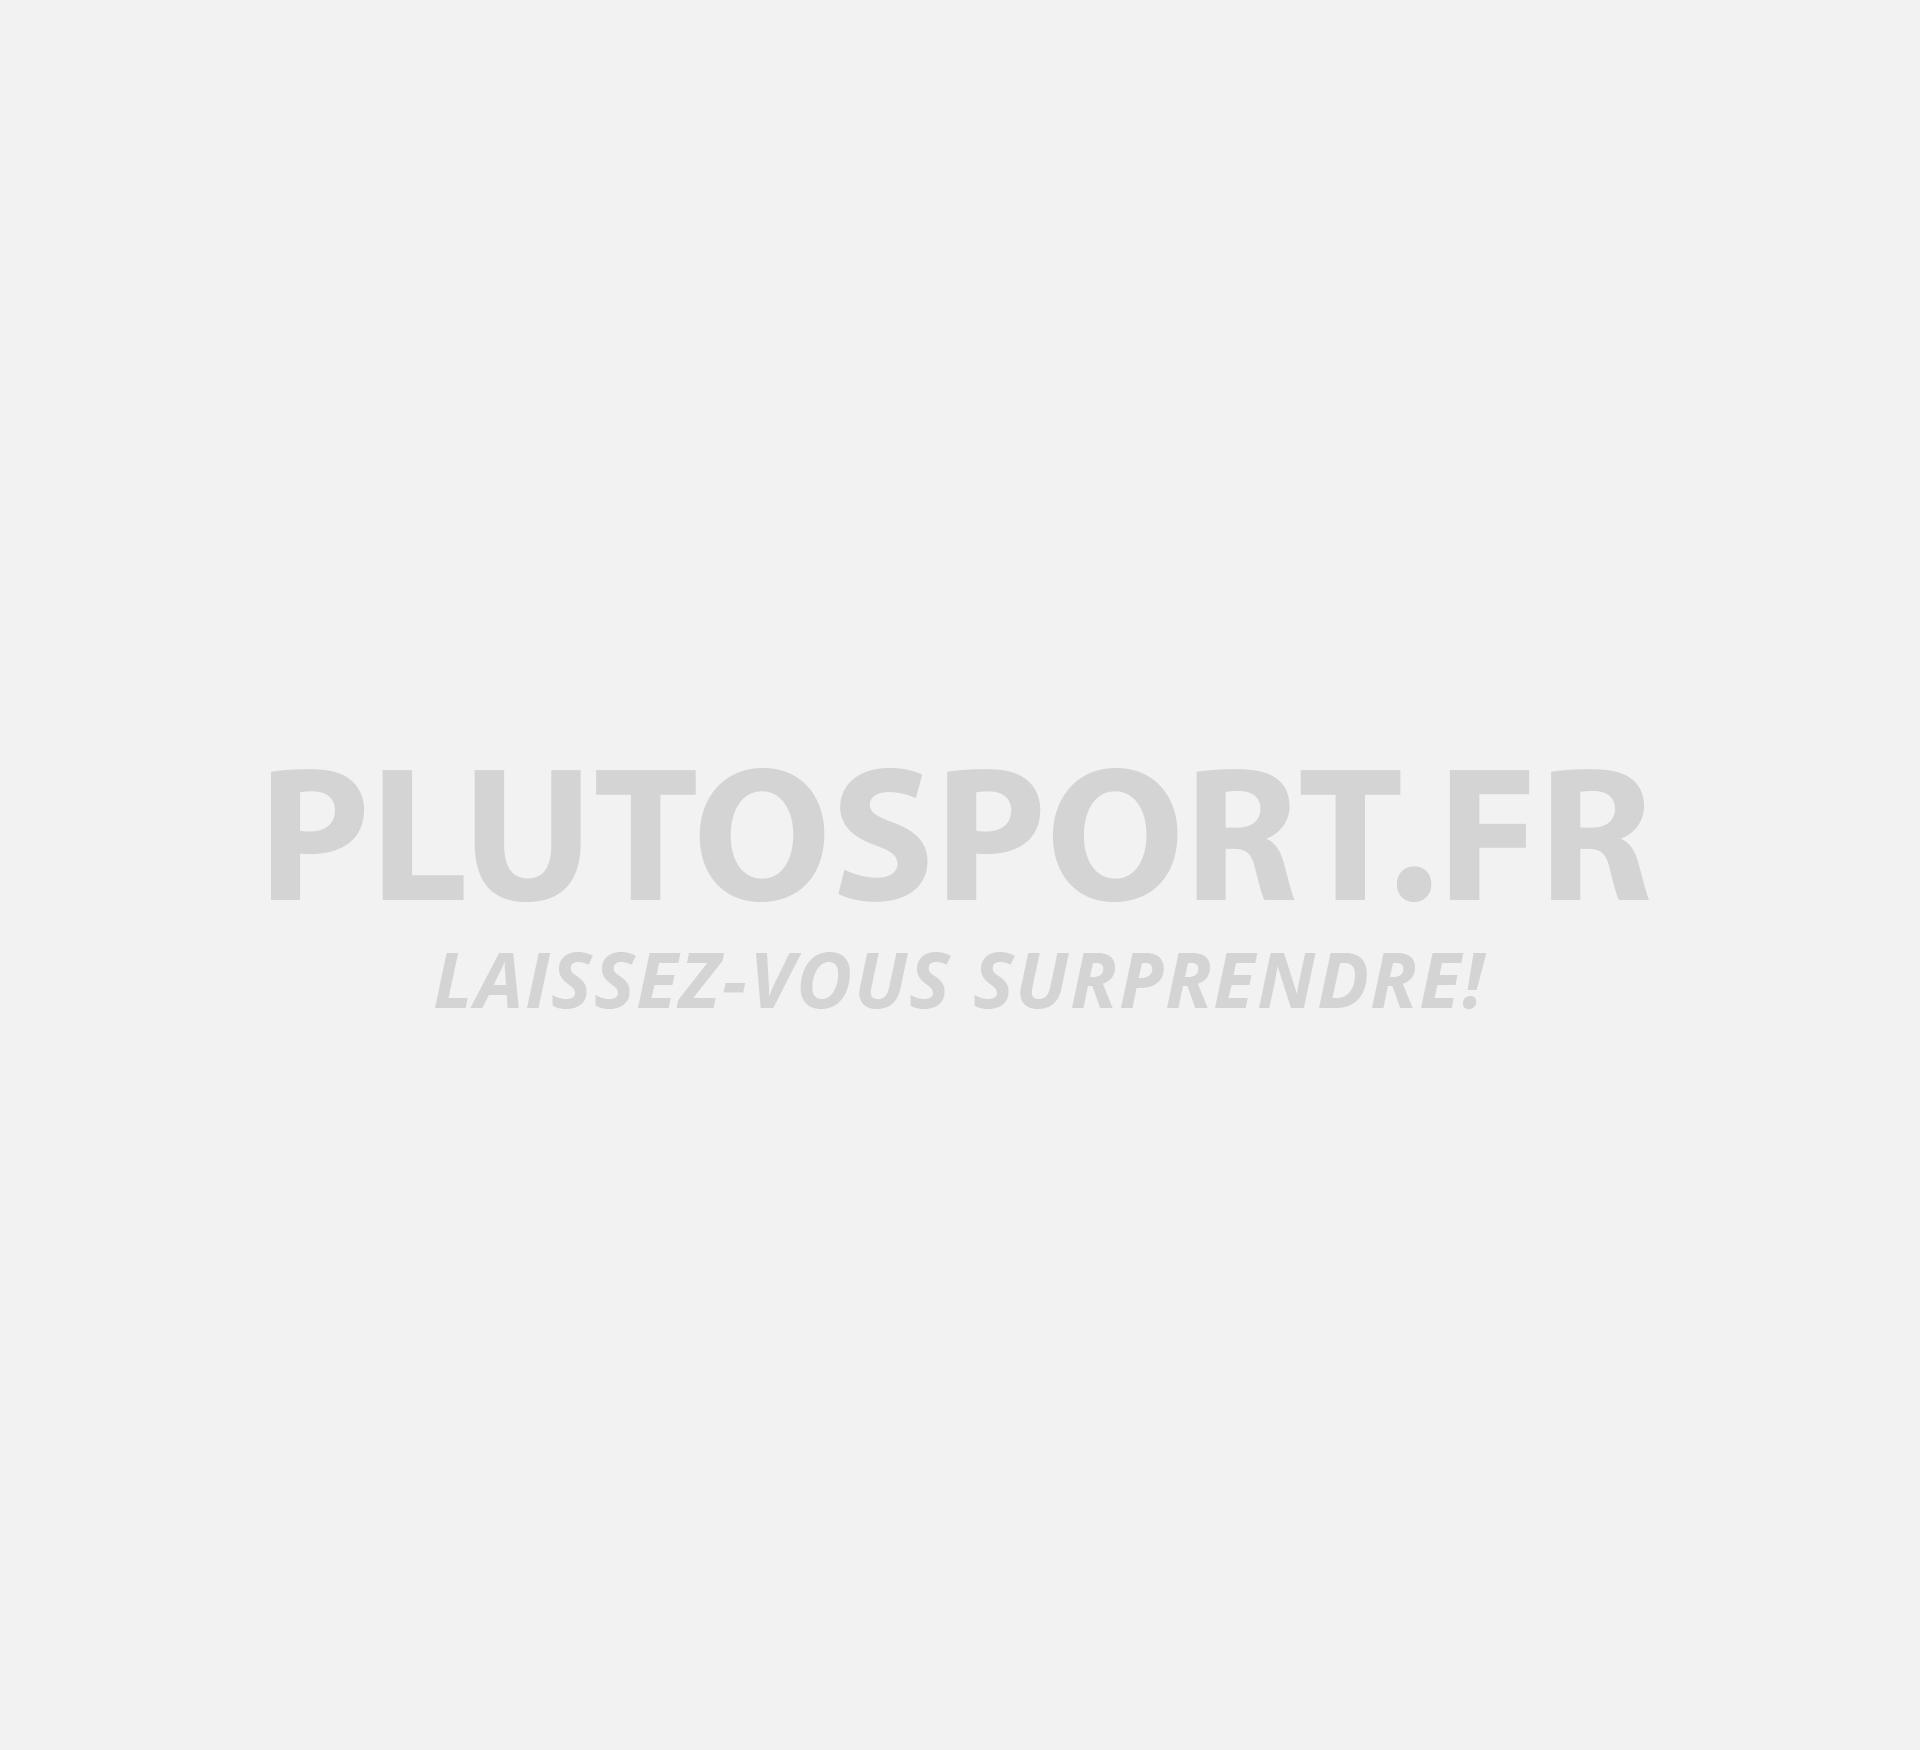 Dunlop Tour sac de tennis